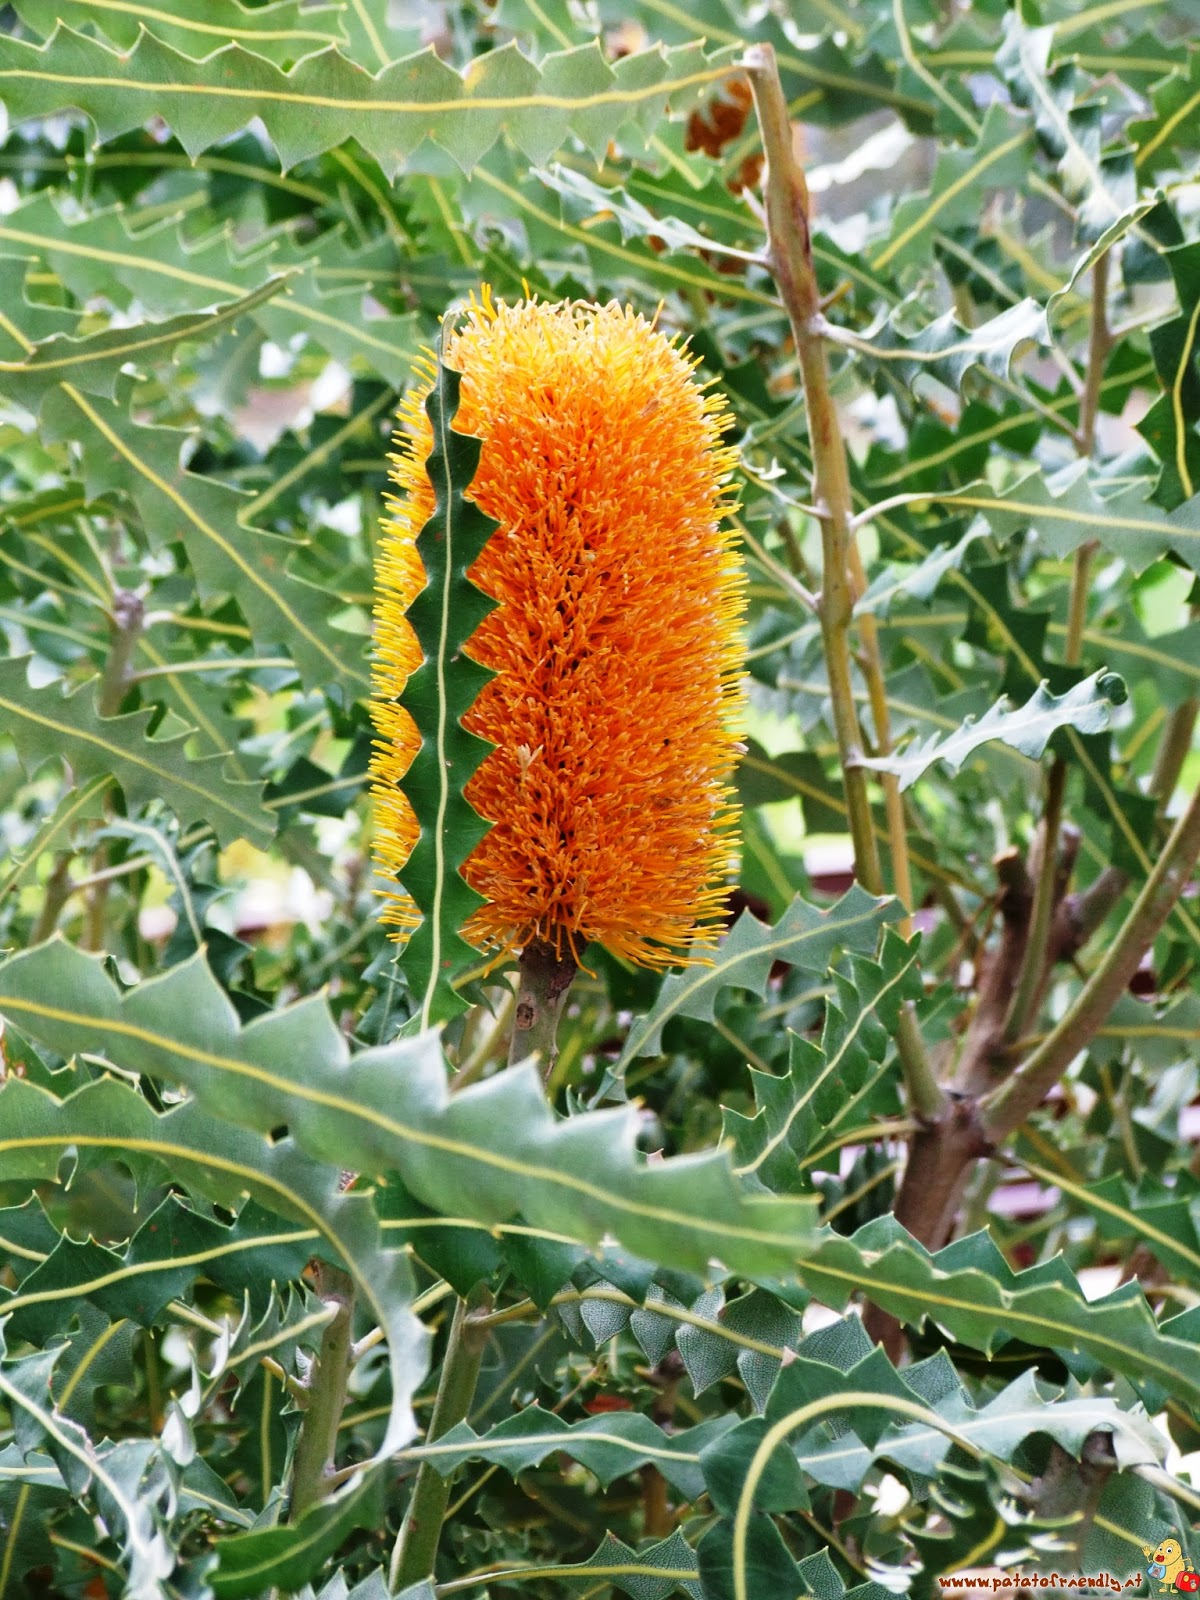 Immagini Di Piante E Alberi piante, fiori e alberi australiani caratteristici